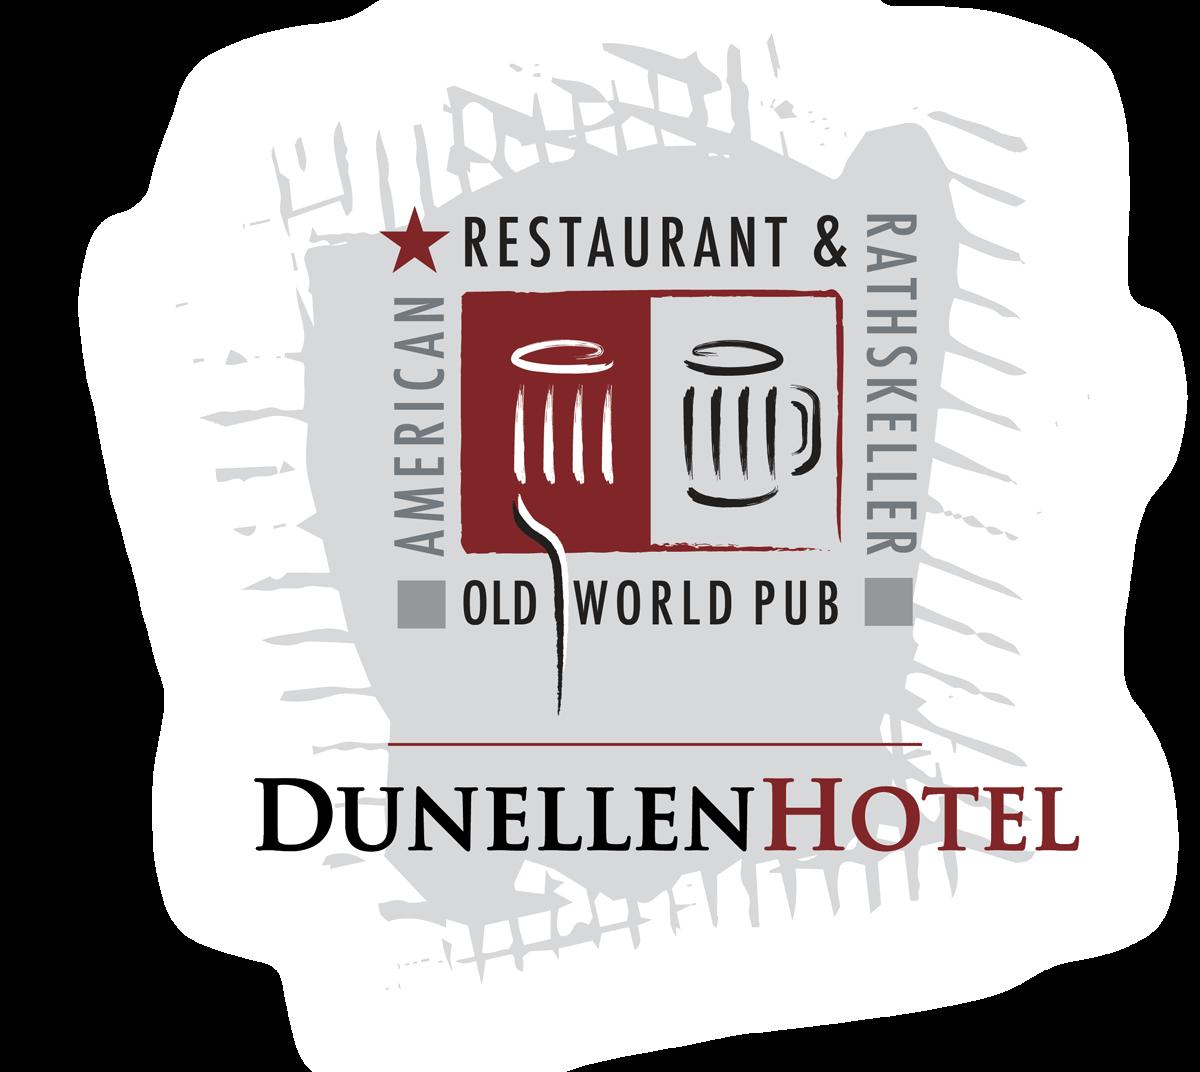 Dunellen Hotel